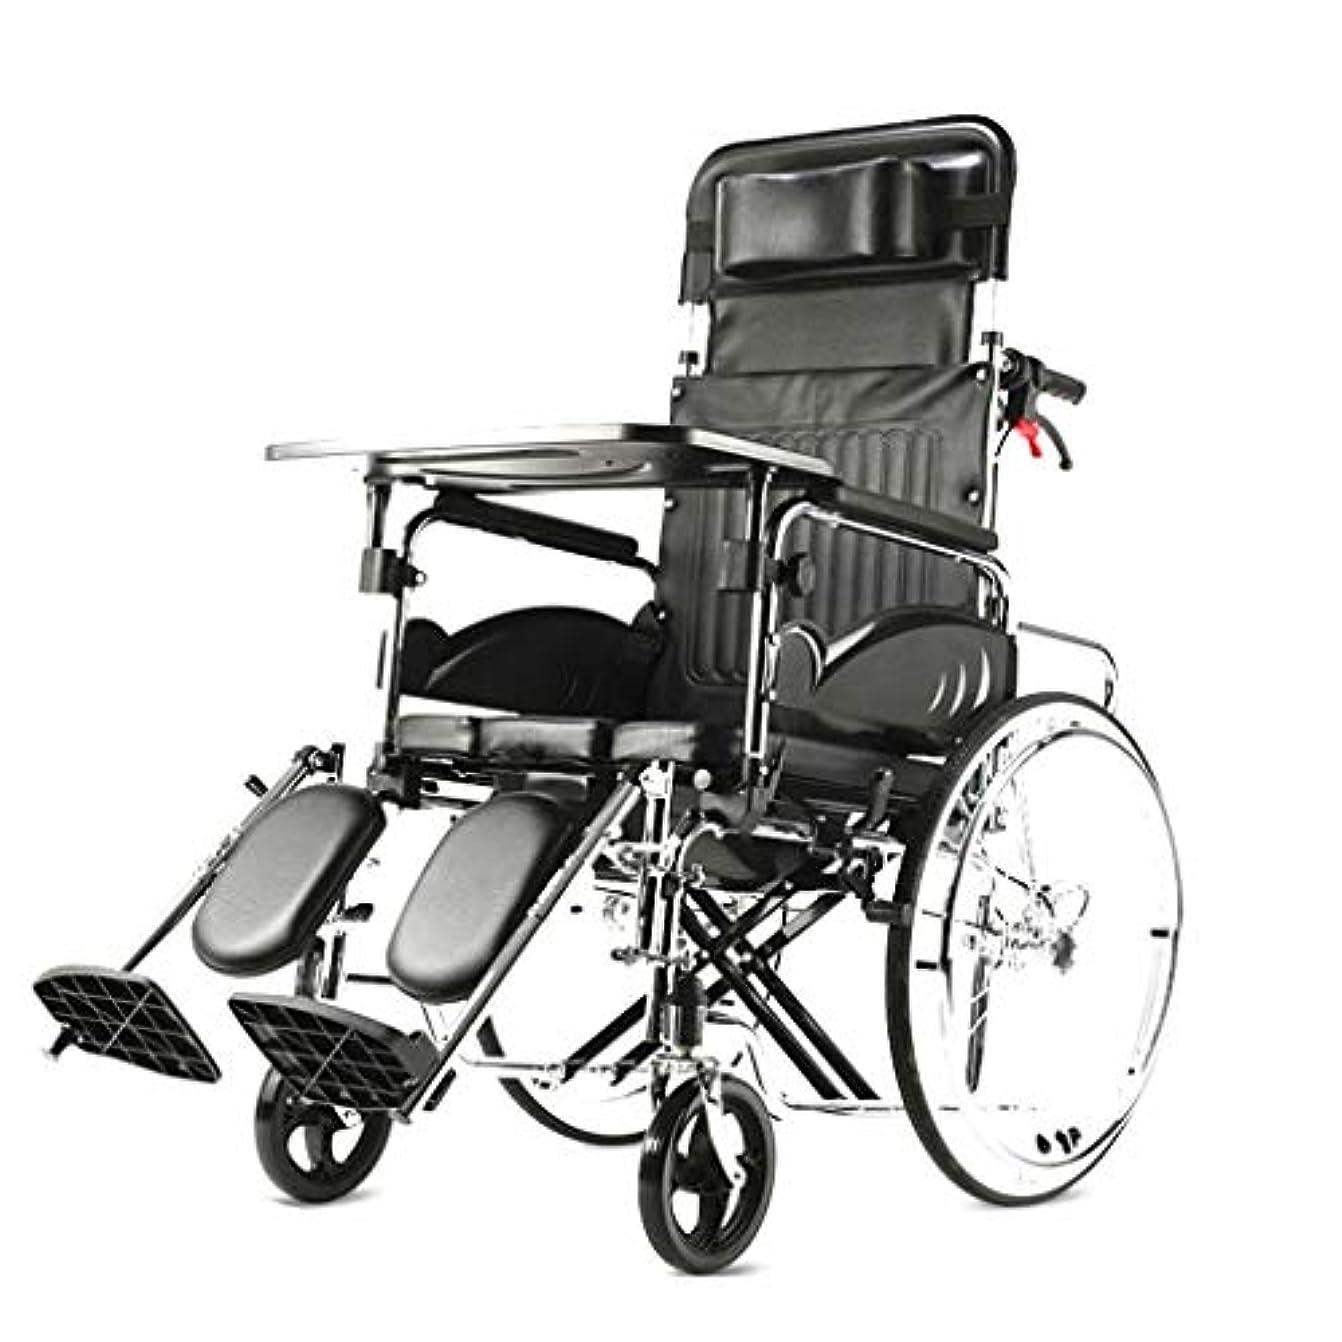 重大金貸しホバー車椅子折りたたみ式、4つのブレーキデザイン、アルミニウム合金、高齢者障害者用車椅子ワゴン